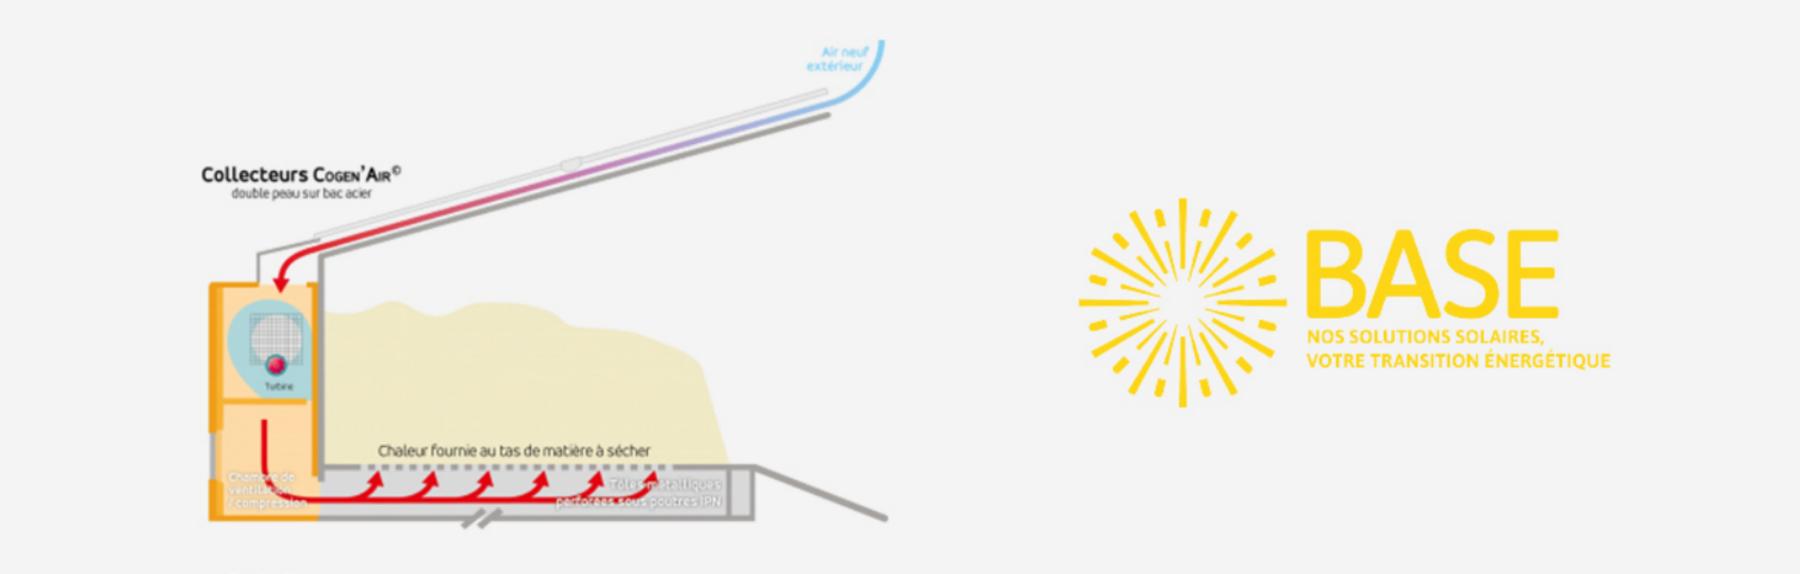 visuel_base-innovation_recuperer-la-chaleur-sous-mes-panneaux_le-sechage-solaire-en-bourgogne